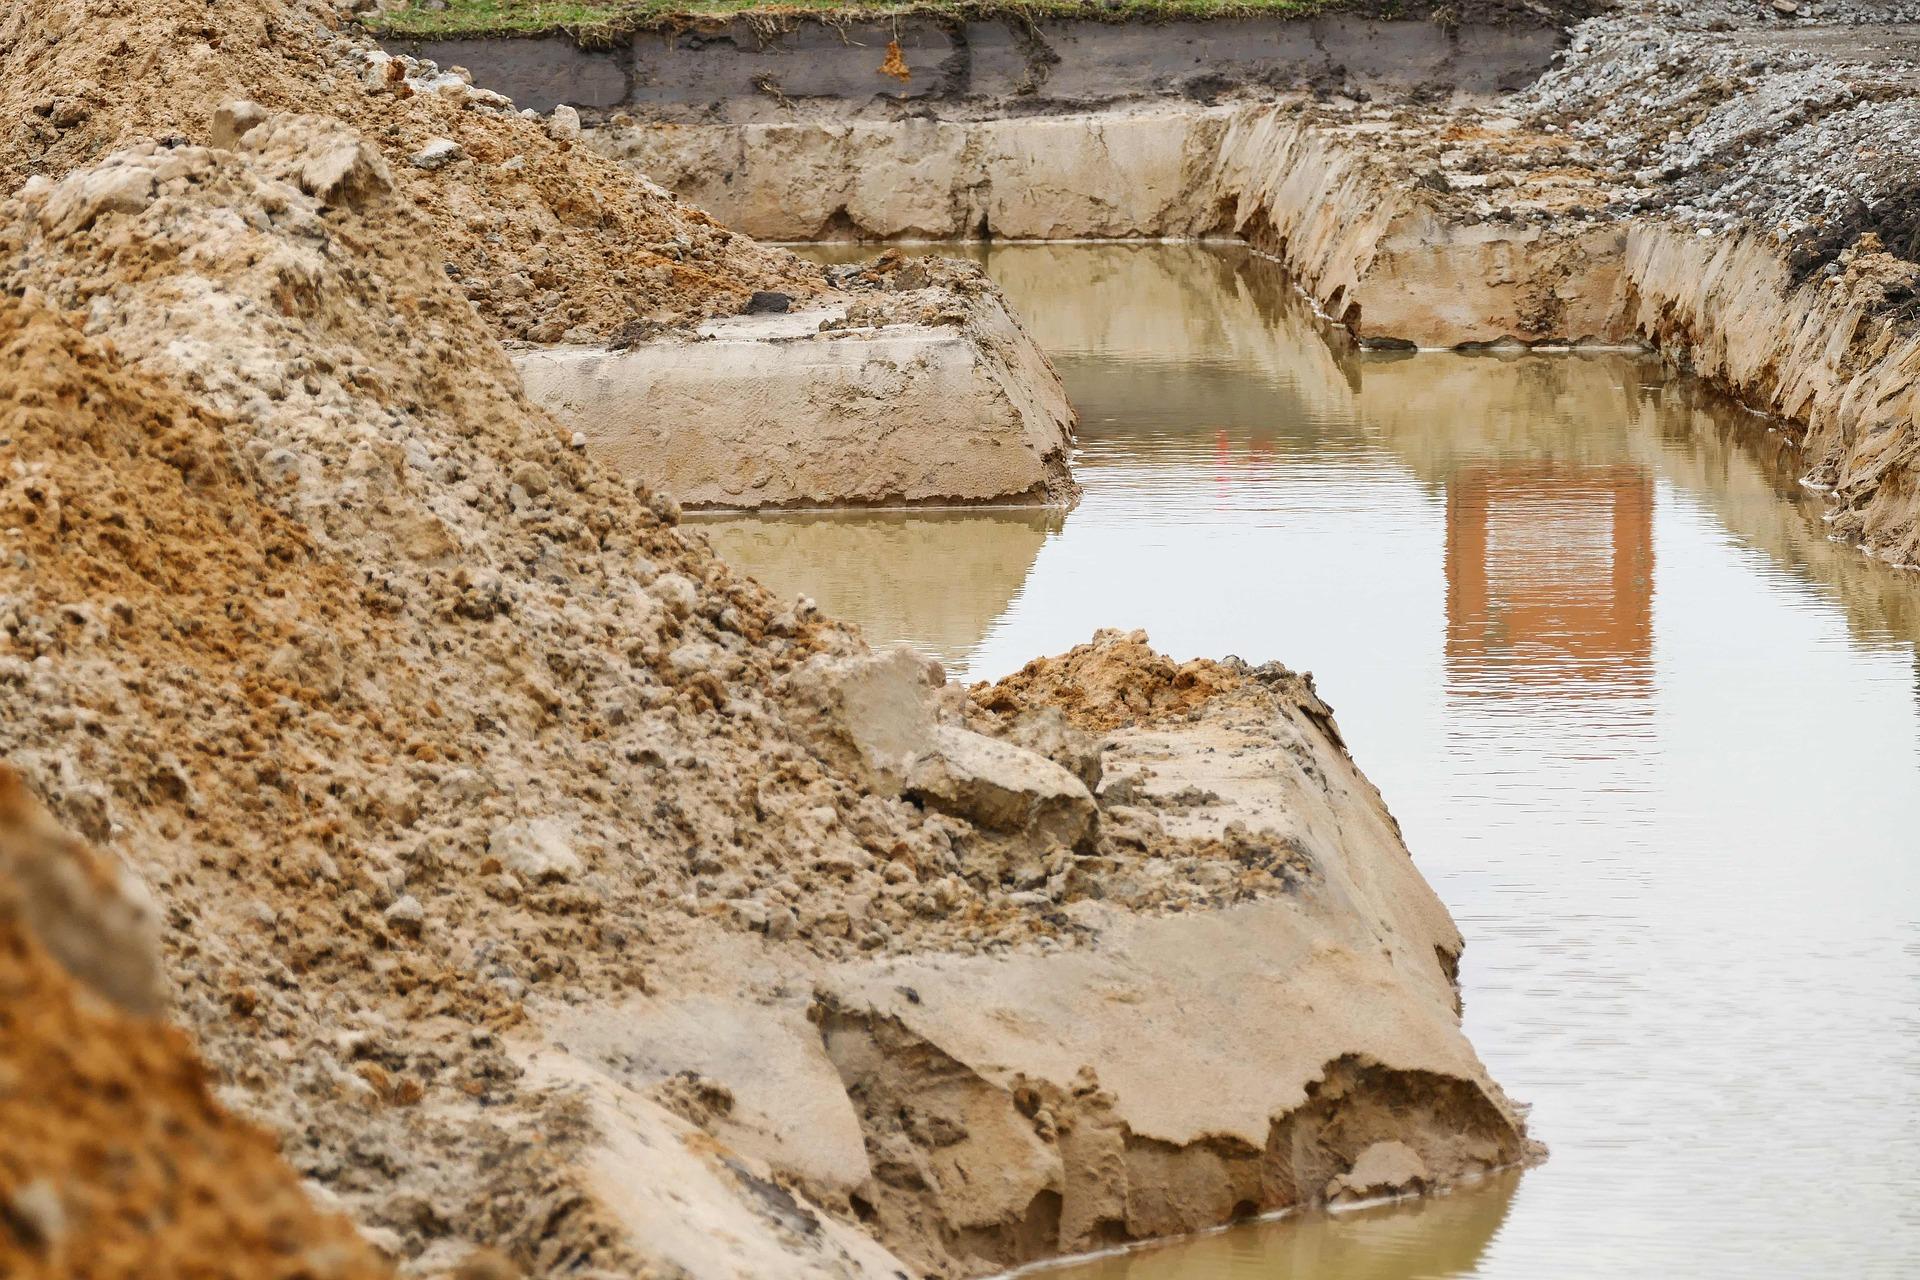 Bürgermeisterin Meyer gibt Dokumente zur Grundwasserproblematik den Ortschaftsratsmitgliedern nicht heraus – Februar Protokoll nicht bestätigt